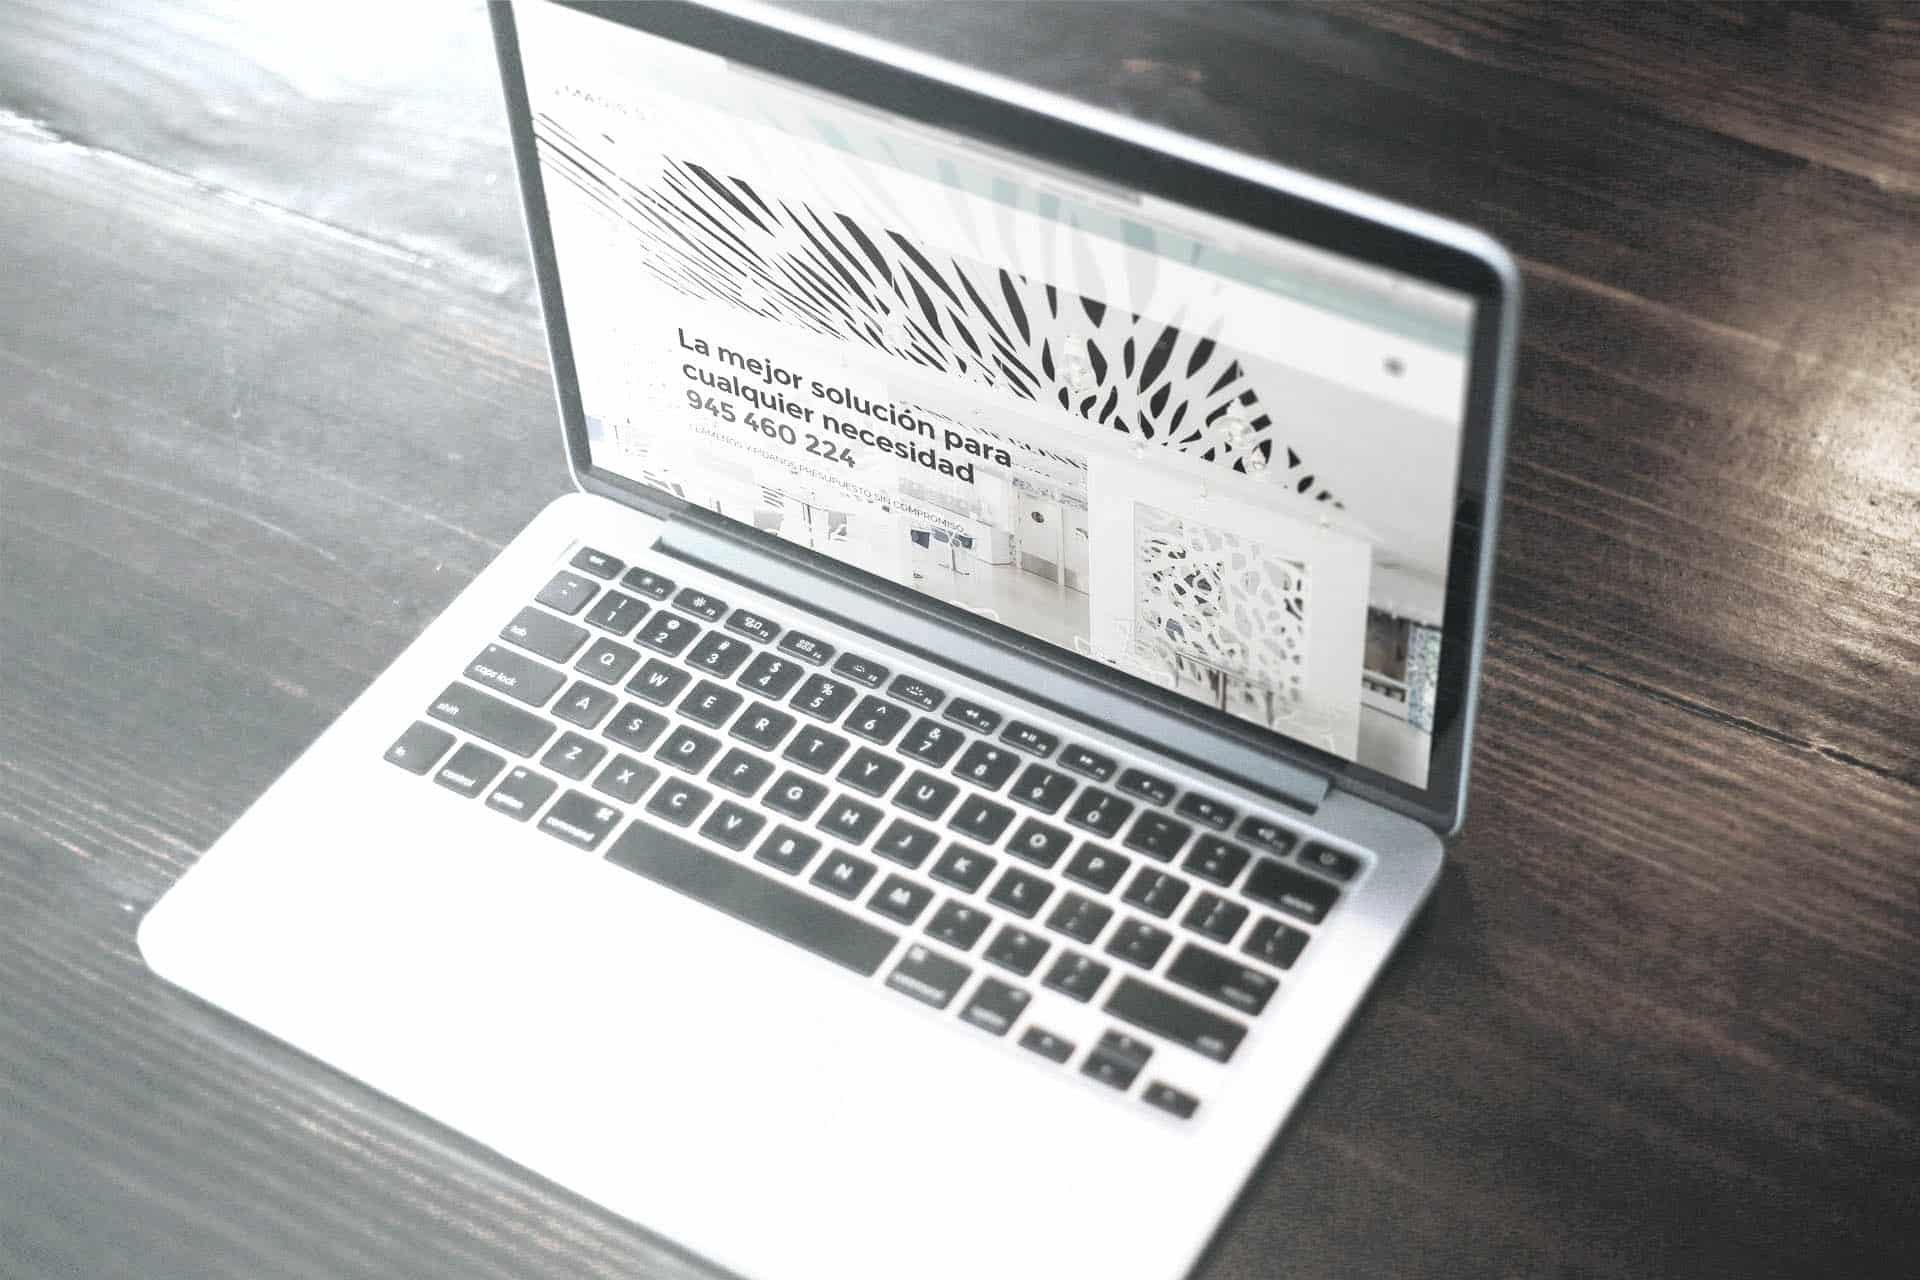 diseño web Vitoria Bilbao fondo 02